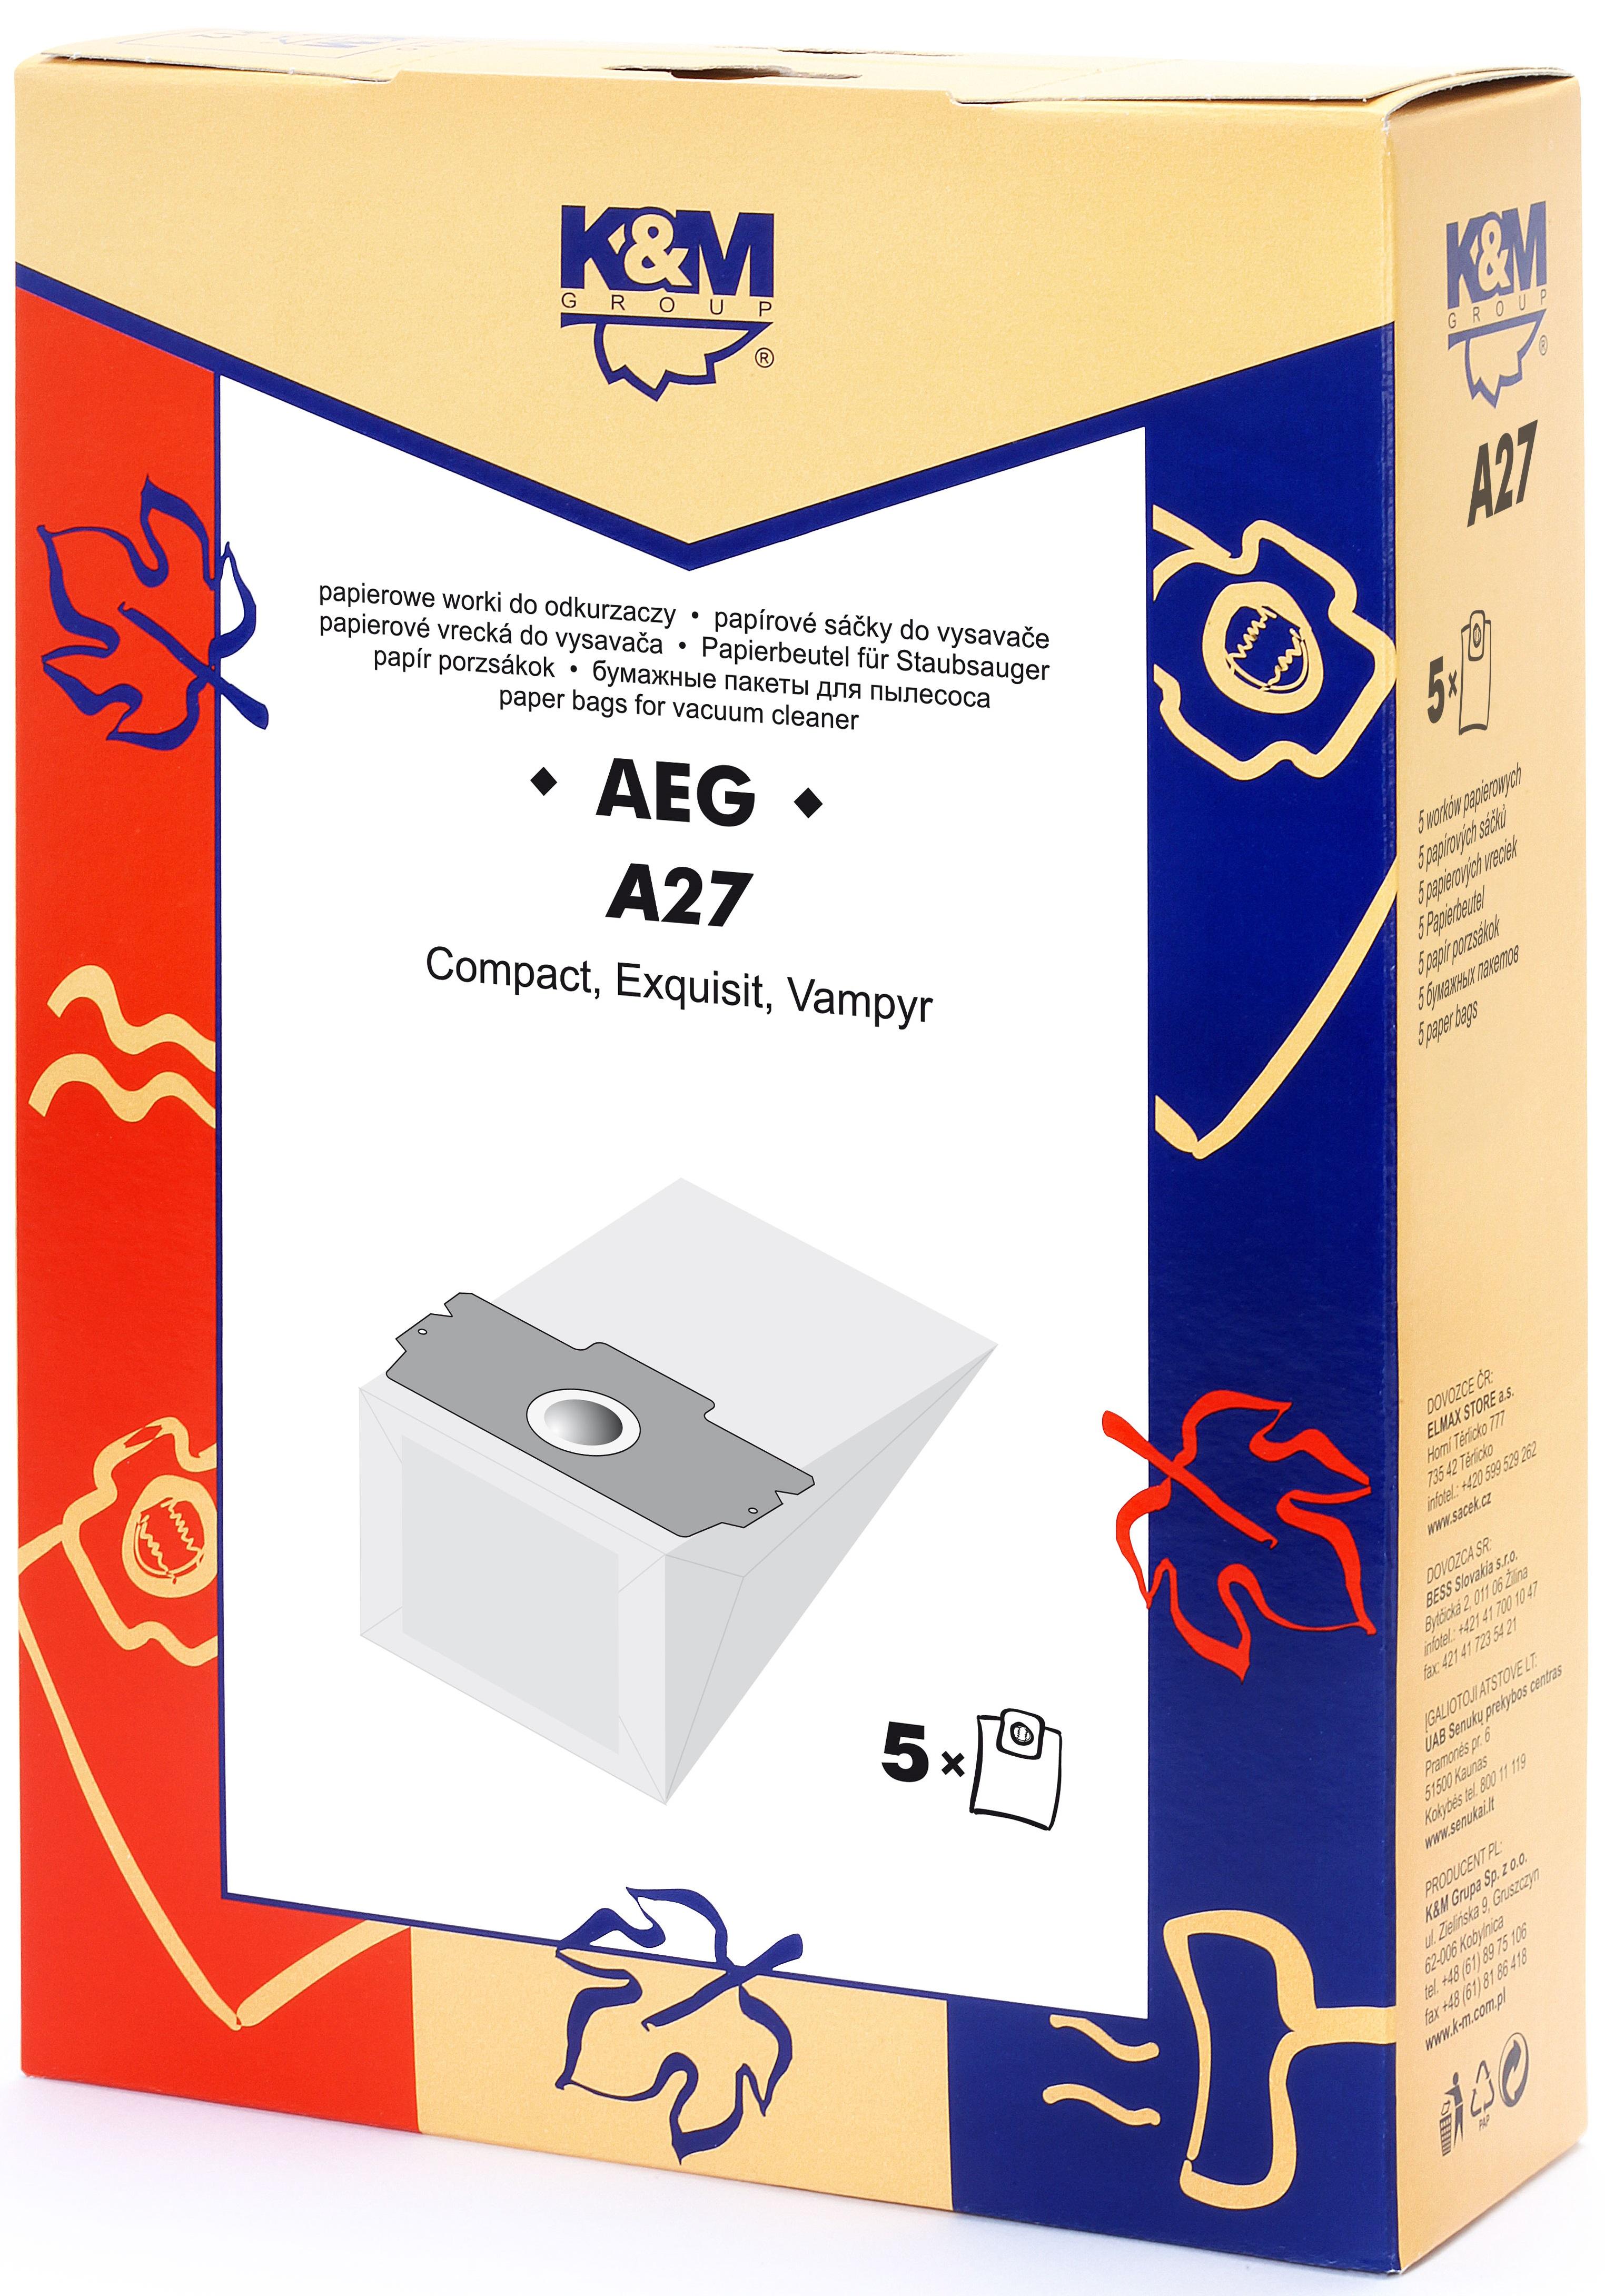 Sac aspirator AEG GR. 11,13, hartie, 5 x saci, K&M 0